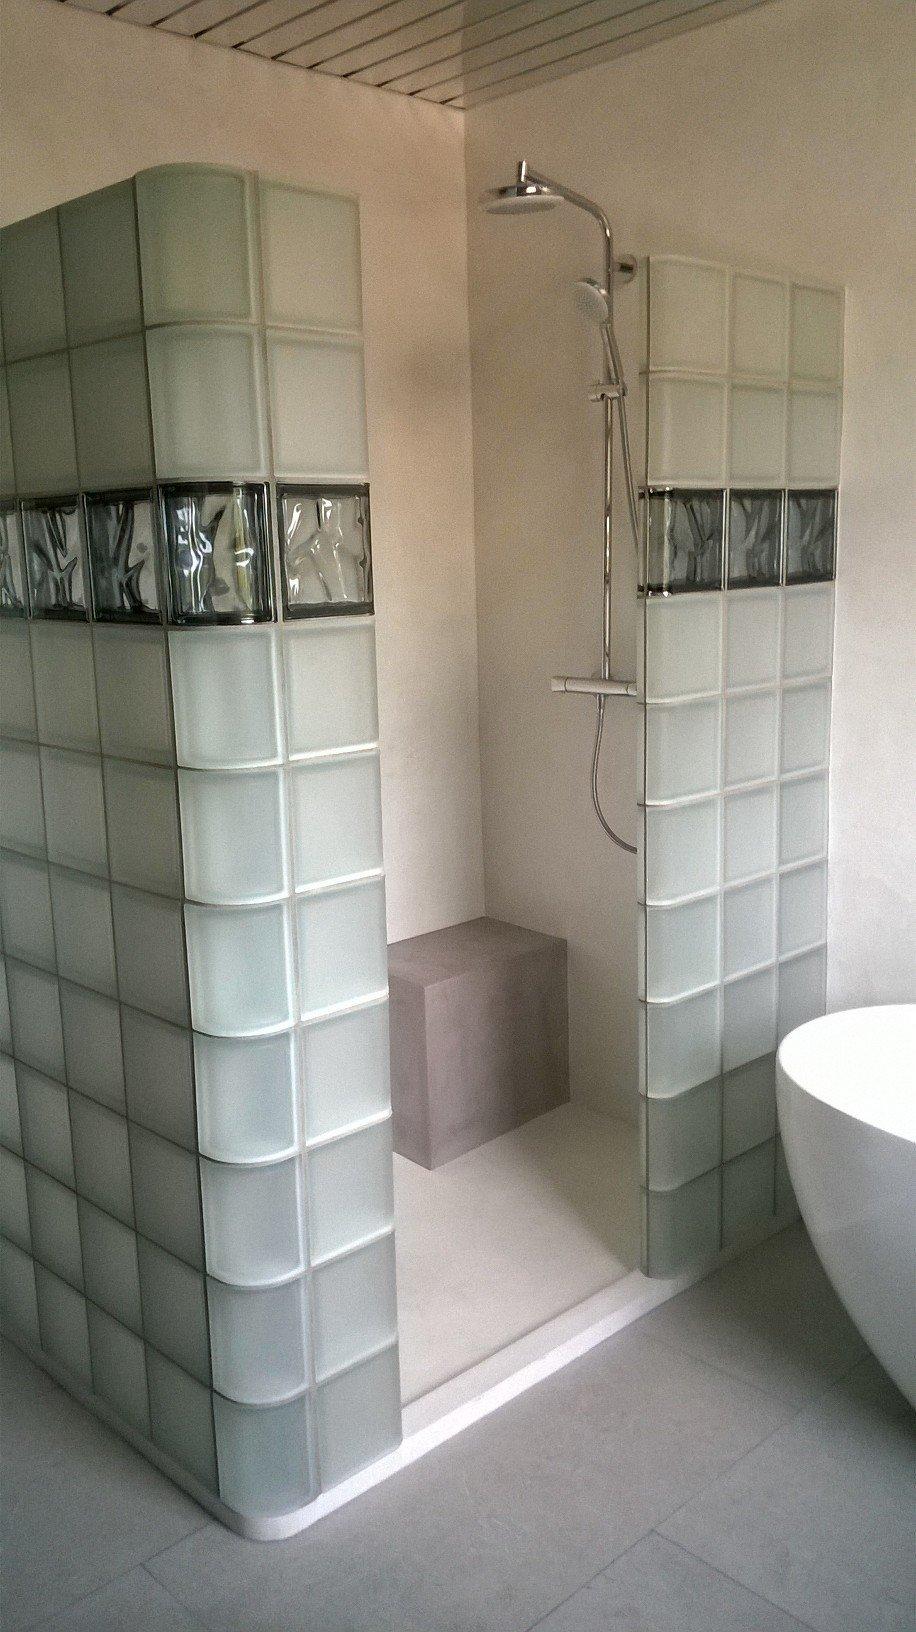 Douche italienne avec b ton cir et briques de verre rouvi re collection - Douche italienne brique de verre ...